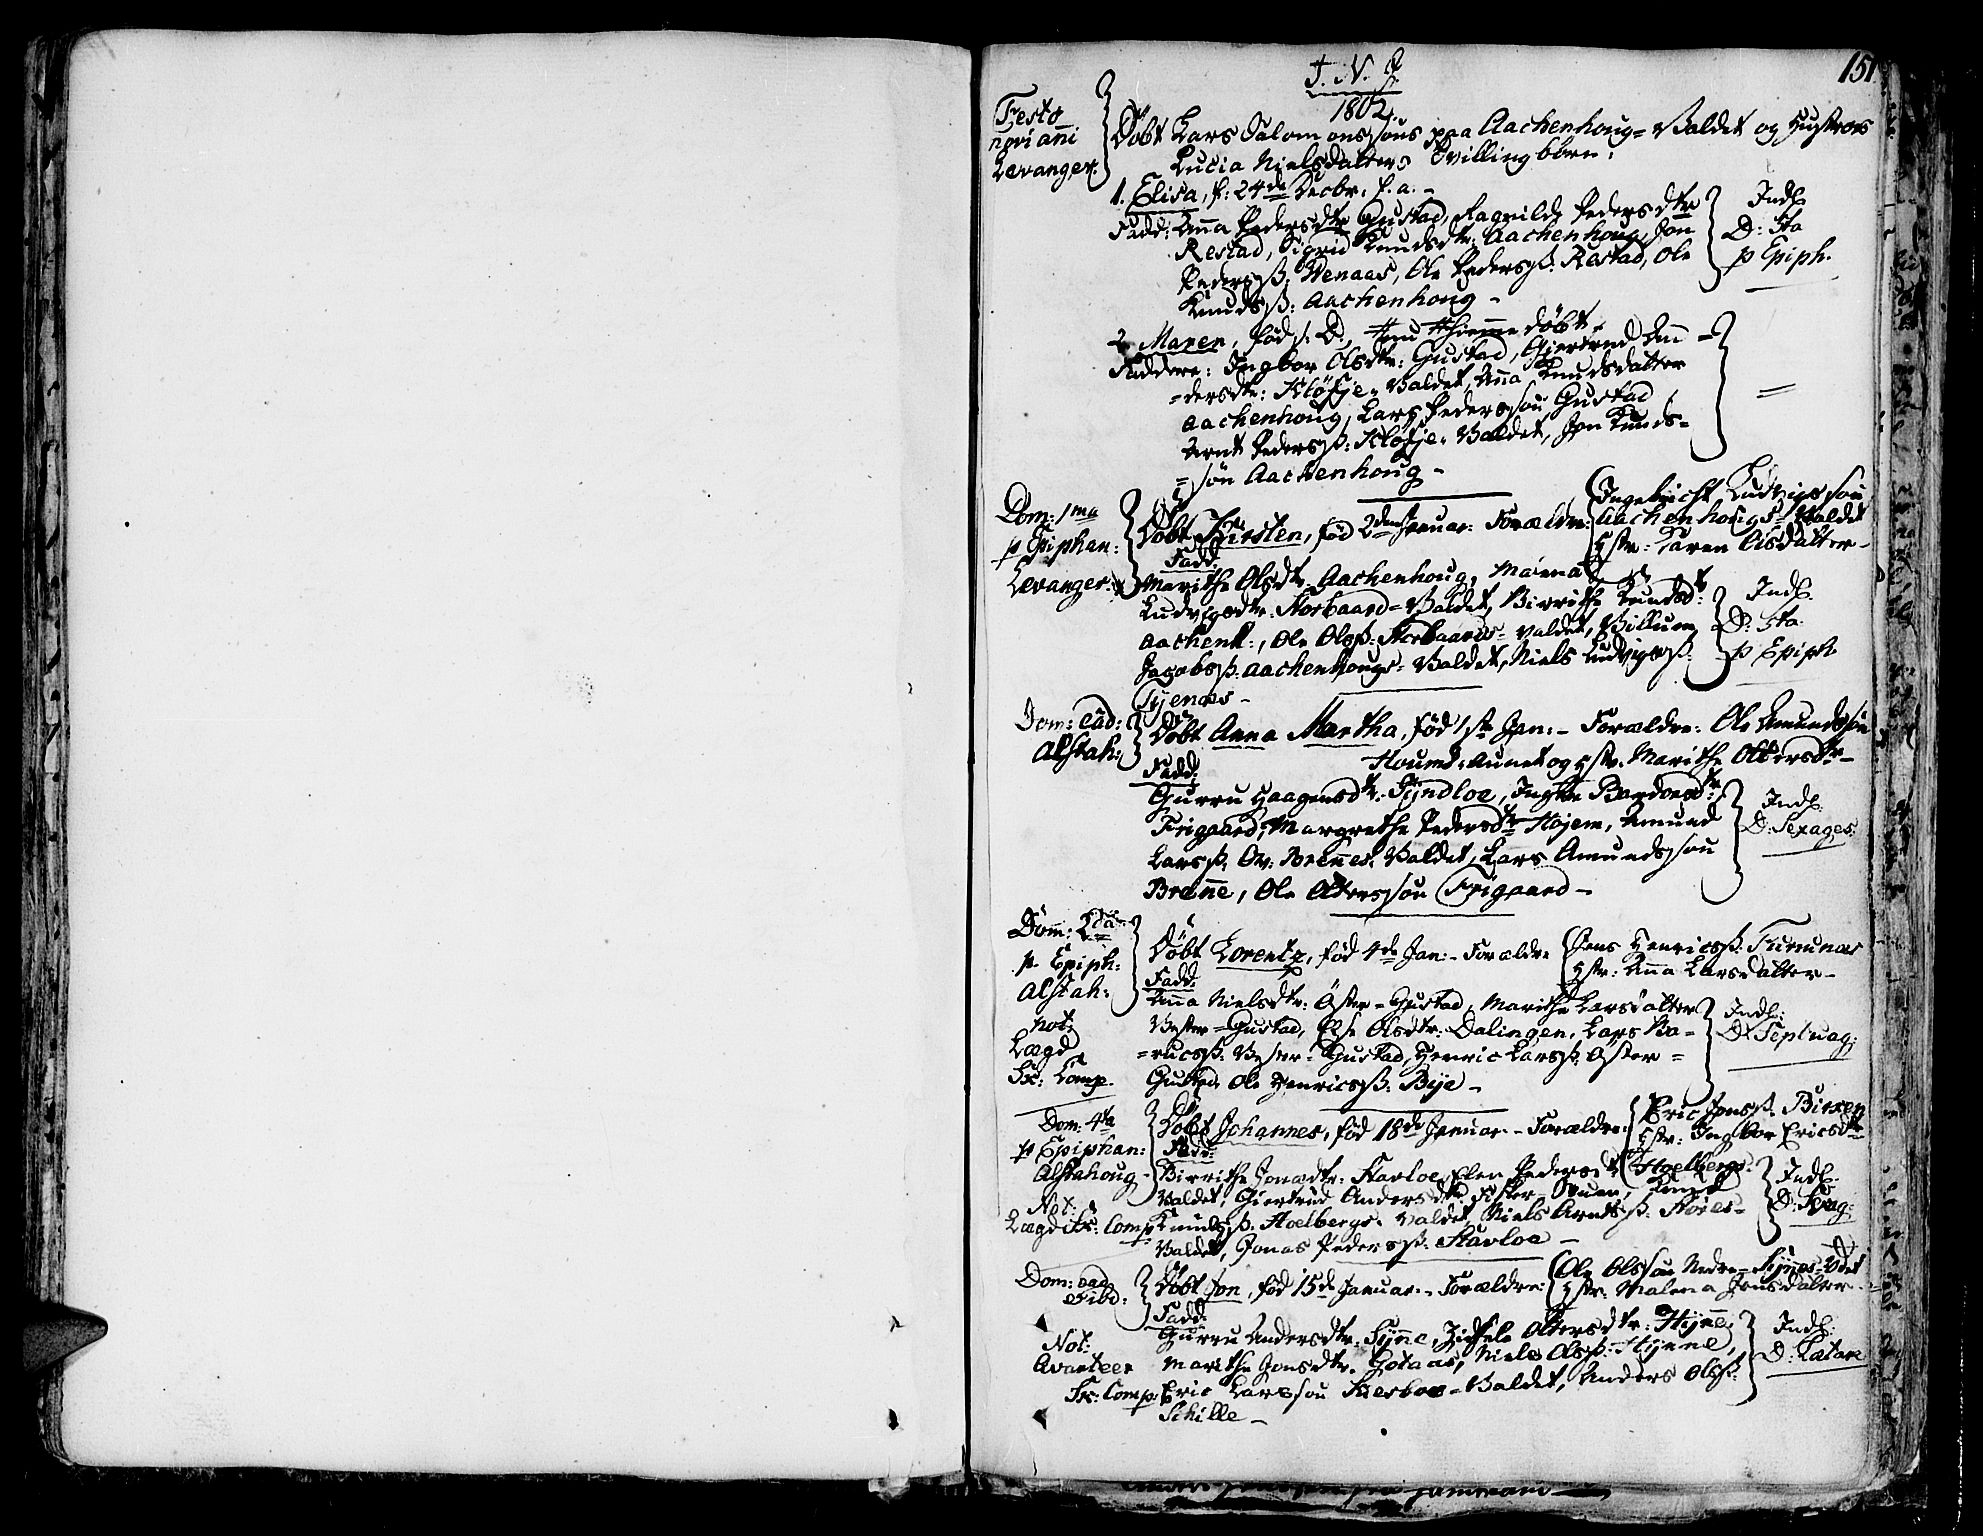 SAT, Ministerialprotokoller, klokkerbøker og fødselsregistre - Nord-Trøndelag, 717/L0142: Ministerialbok nr. 717A02 /1, 1783-1809, s. 151